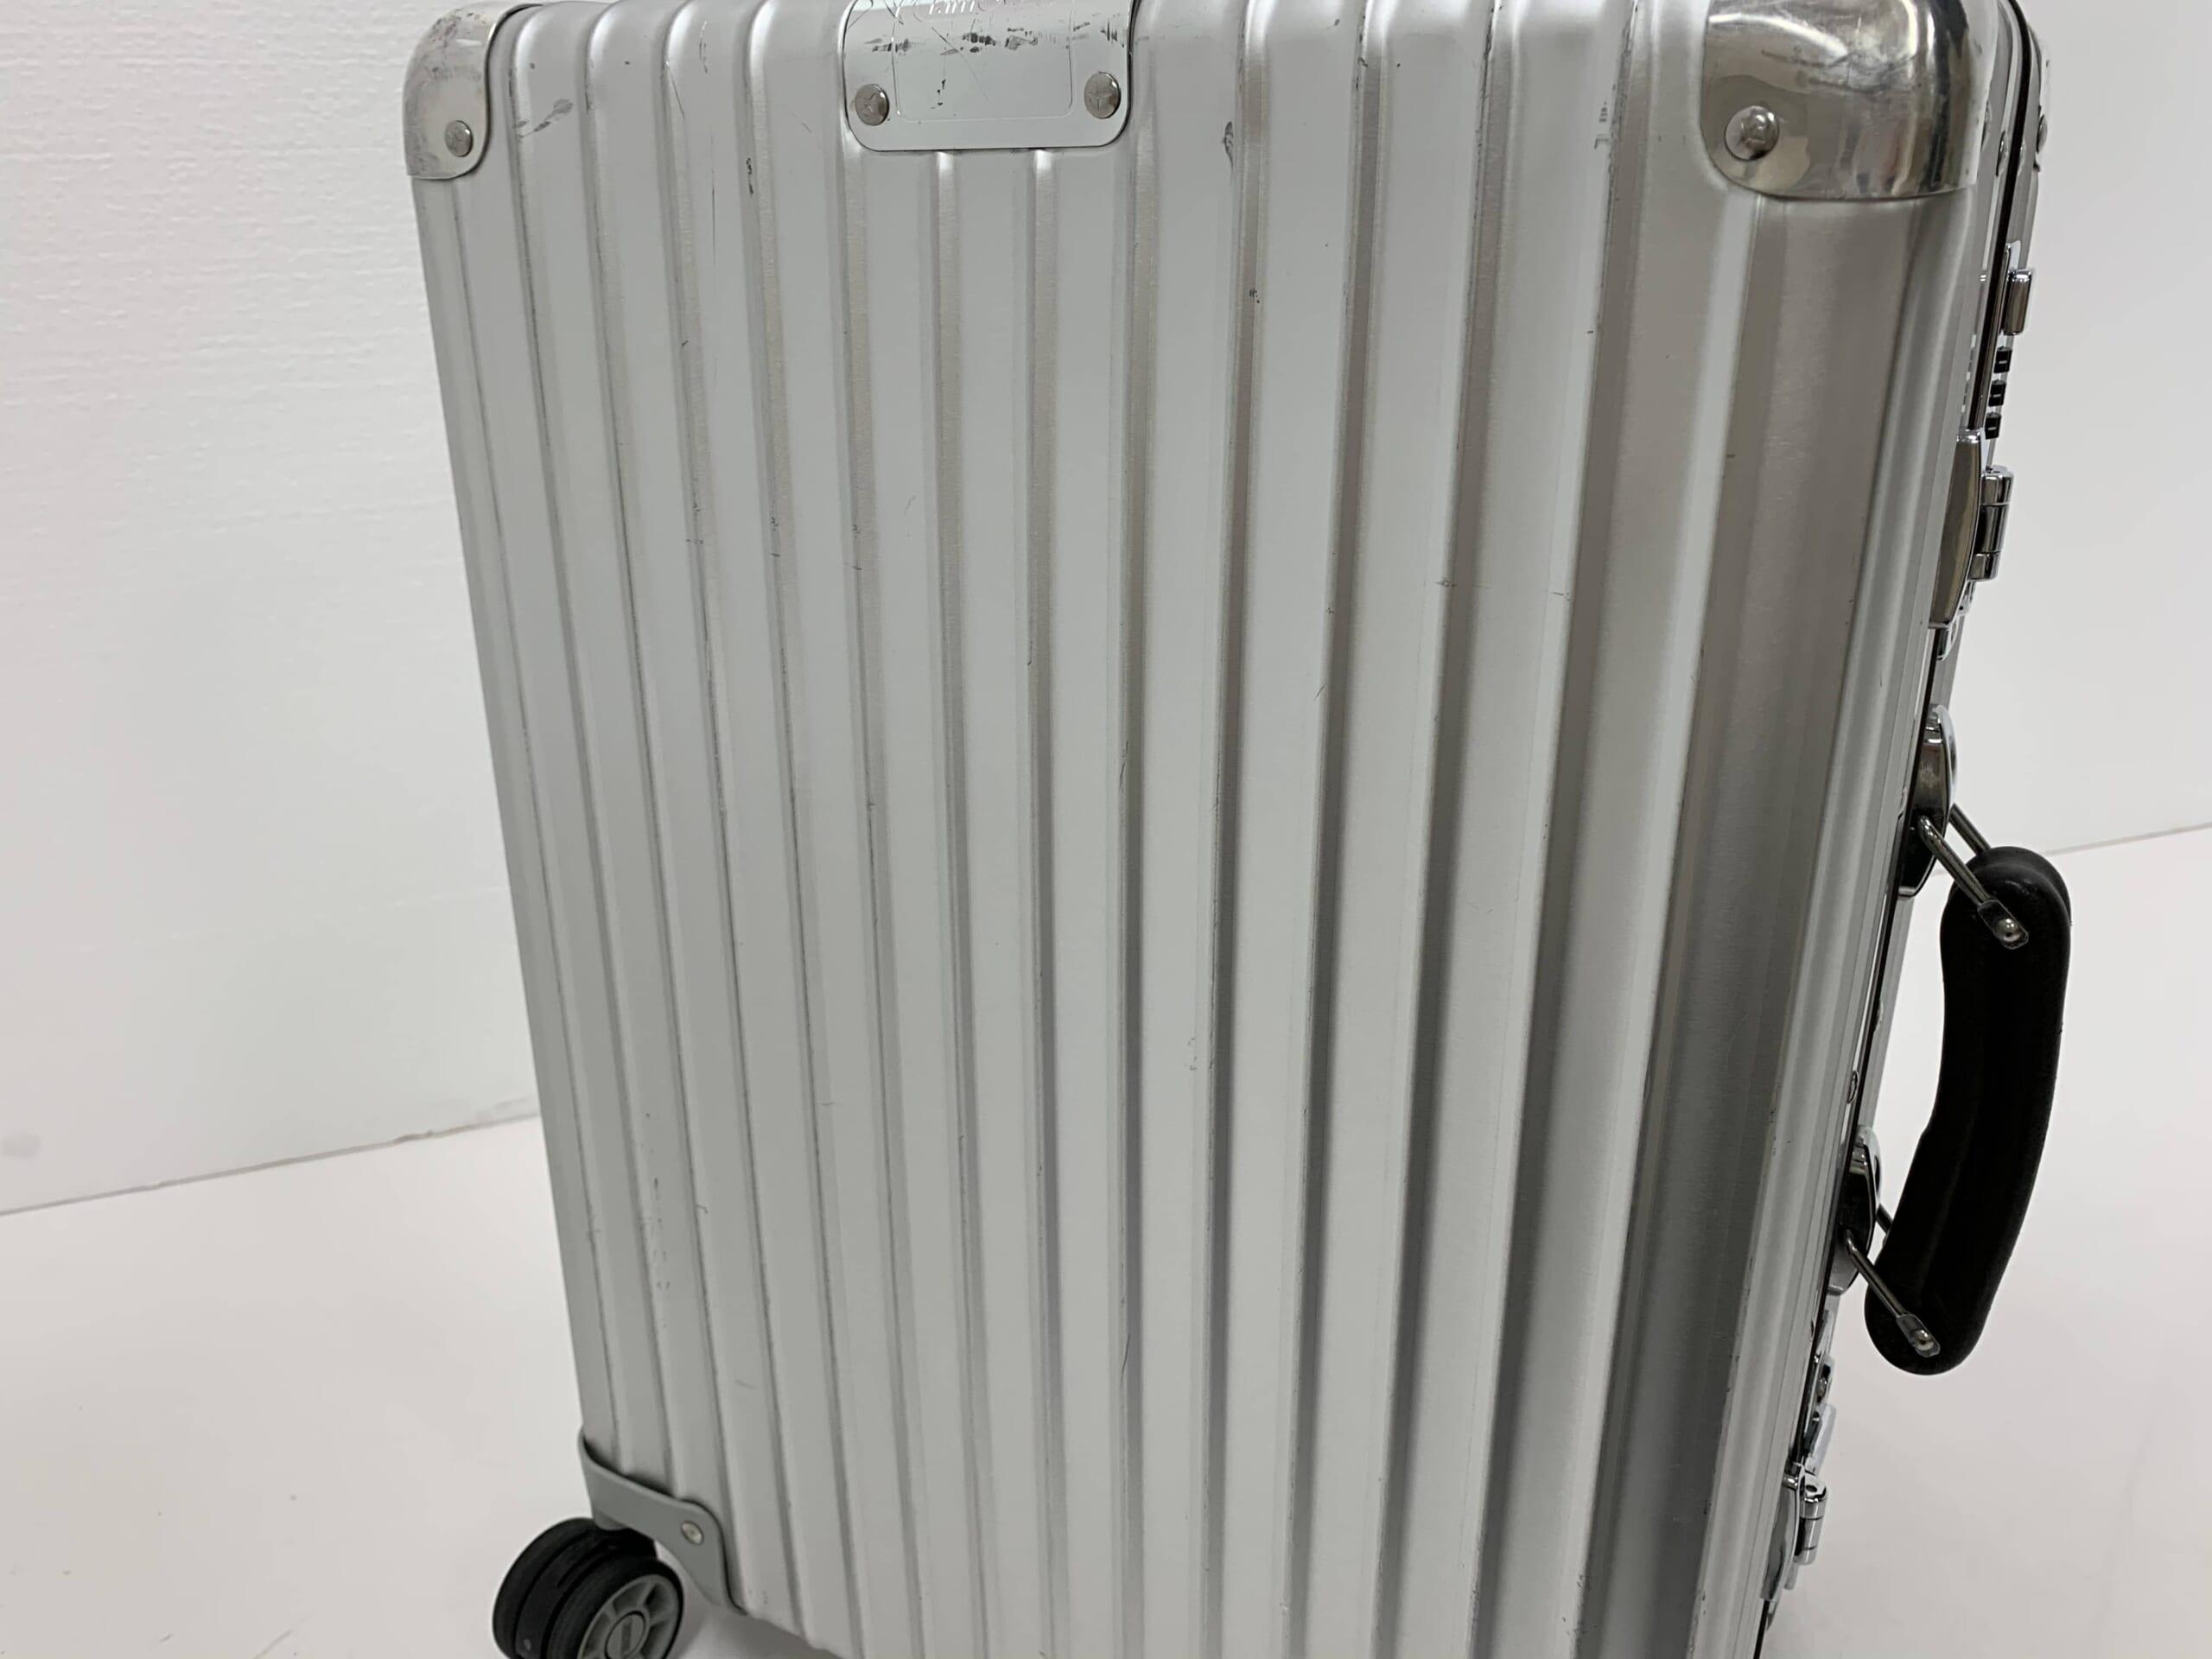 落下衝撃後の損傷の見当たらないスーツケース(ハードタイプ)